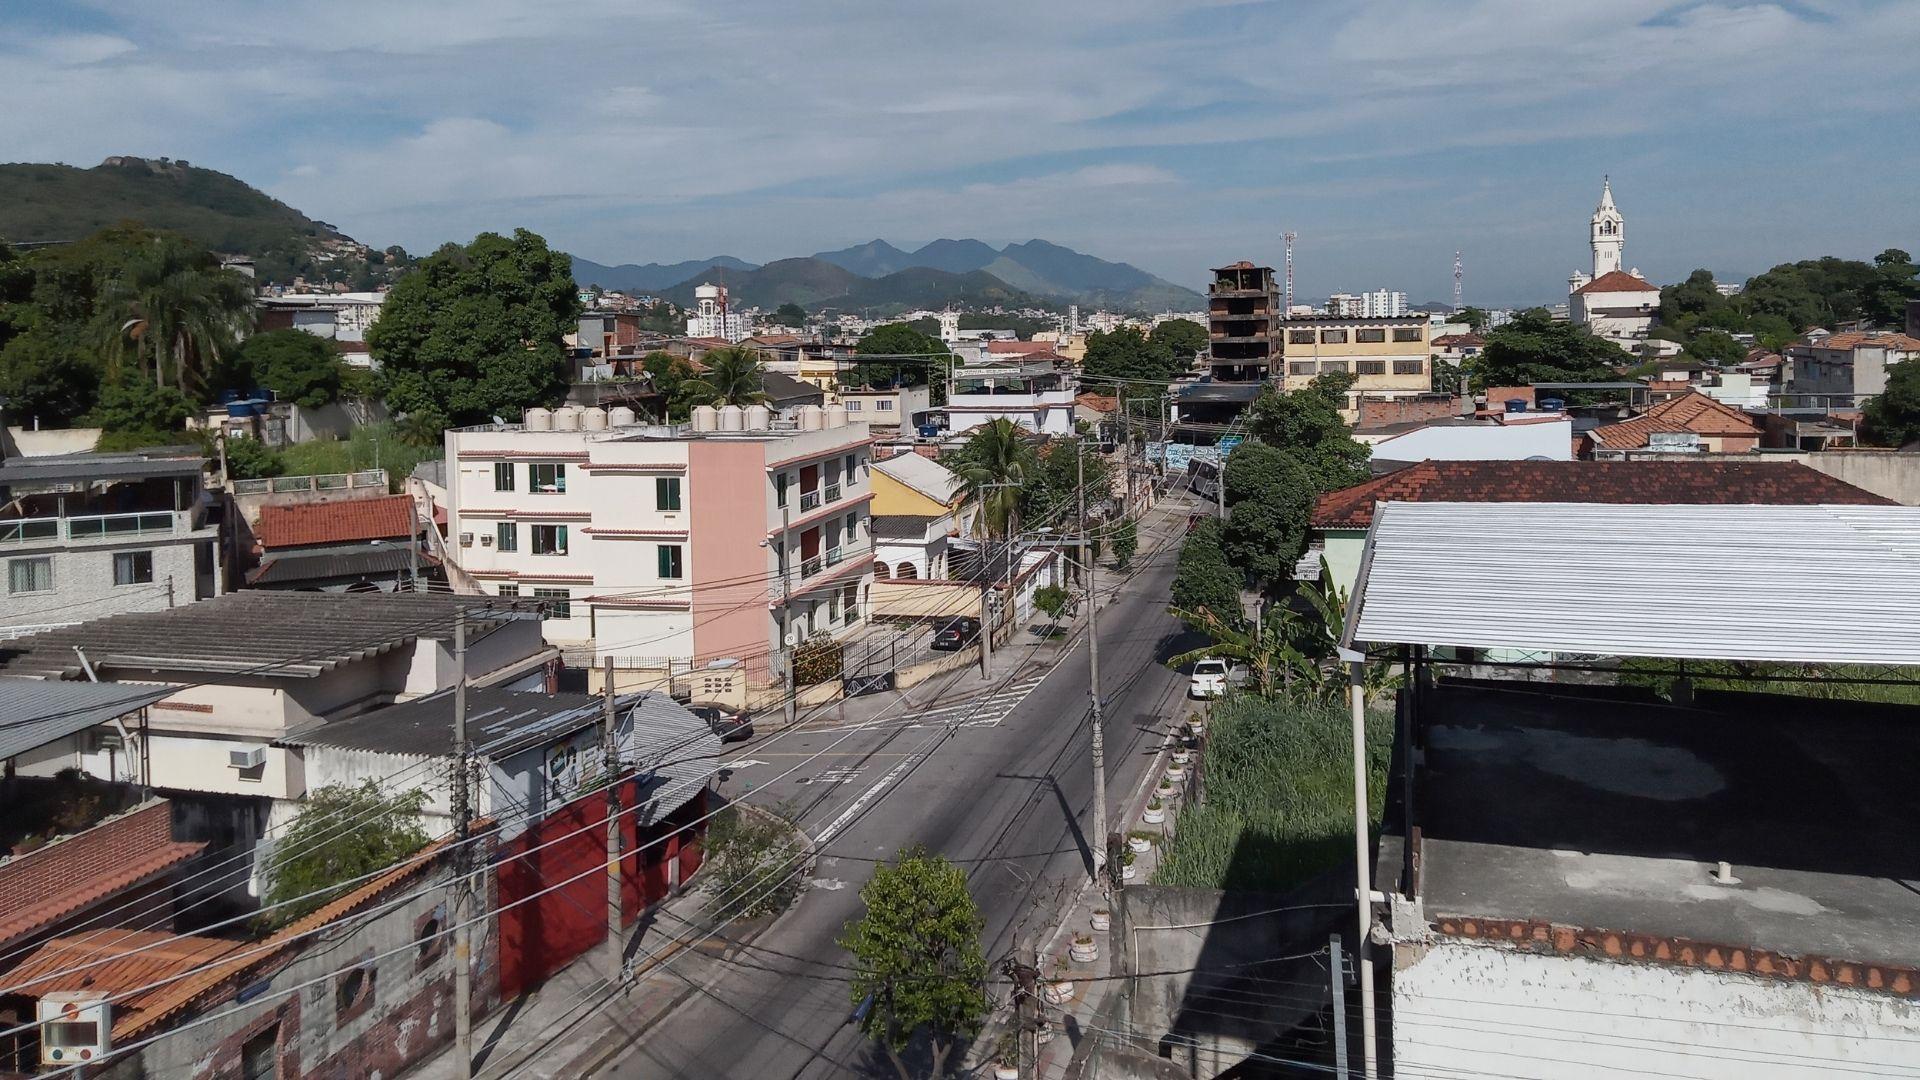 Foto feita com a câmera principal do LG K52 (Foto: Aline Batista/Zoom)